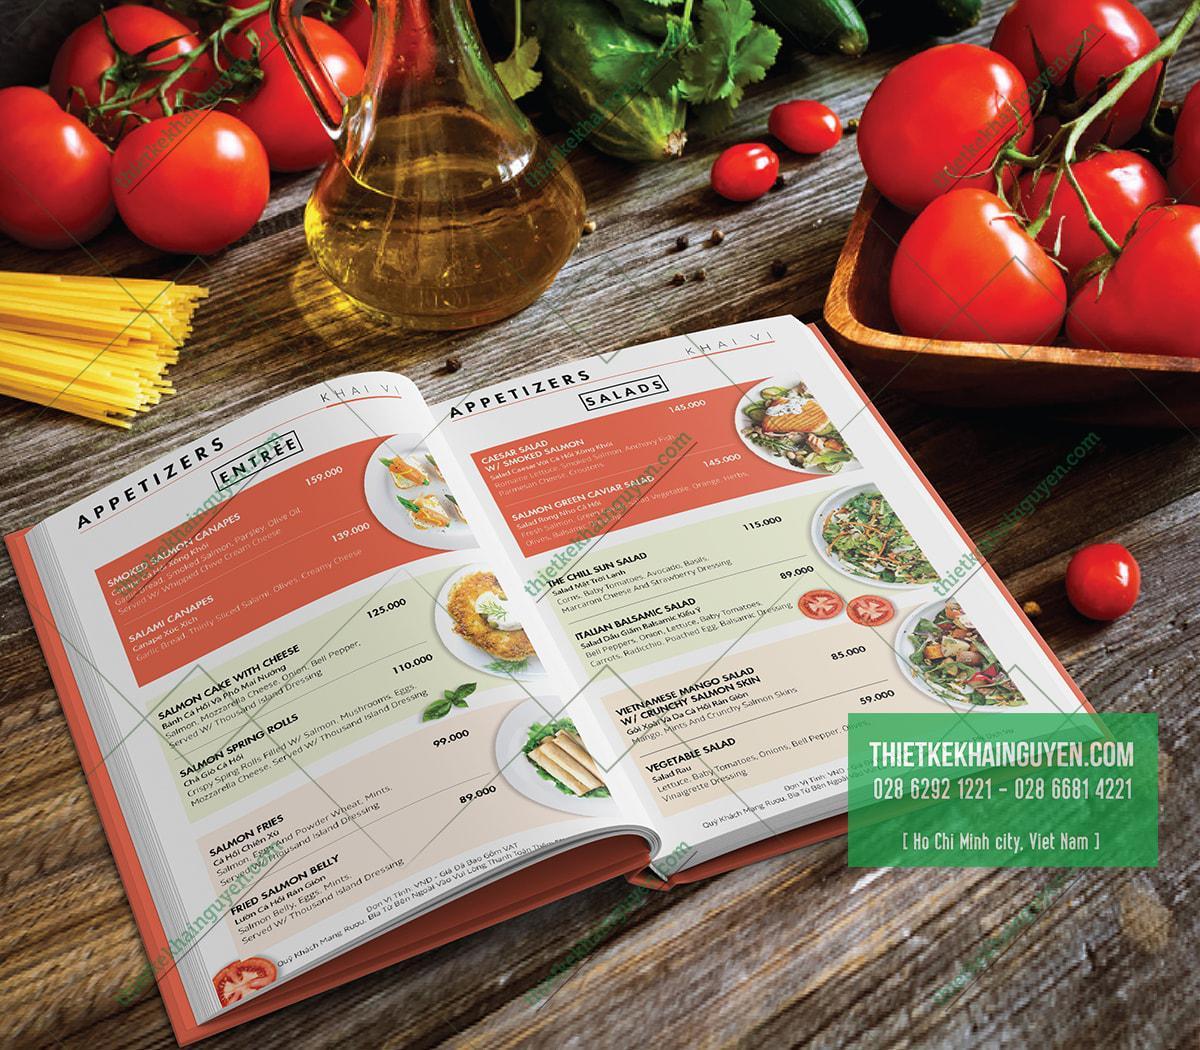 Phong cách thiết kế menu tinh tế cho nhà hàng hiện đại